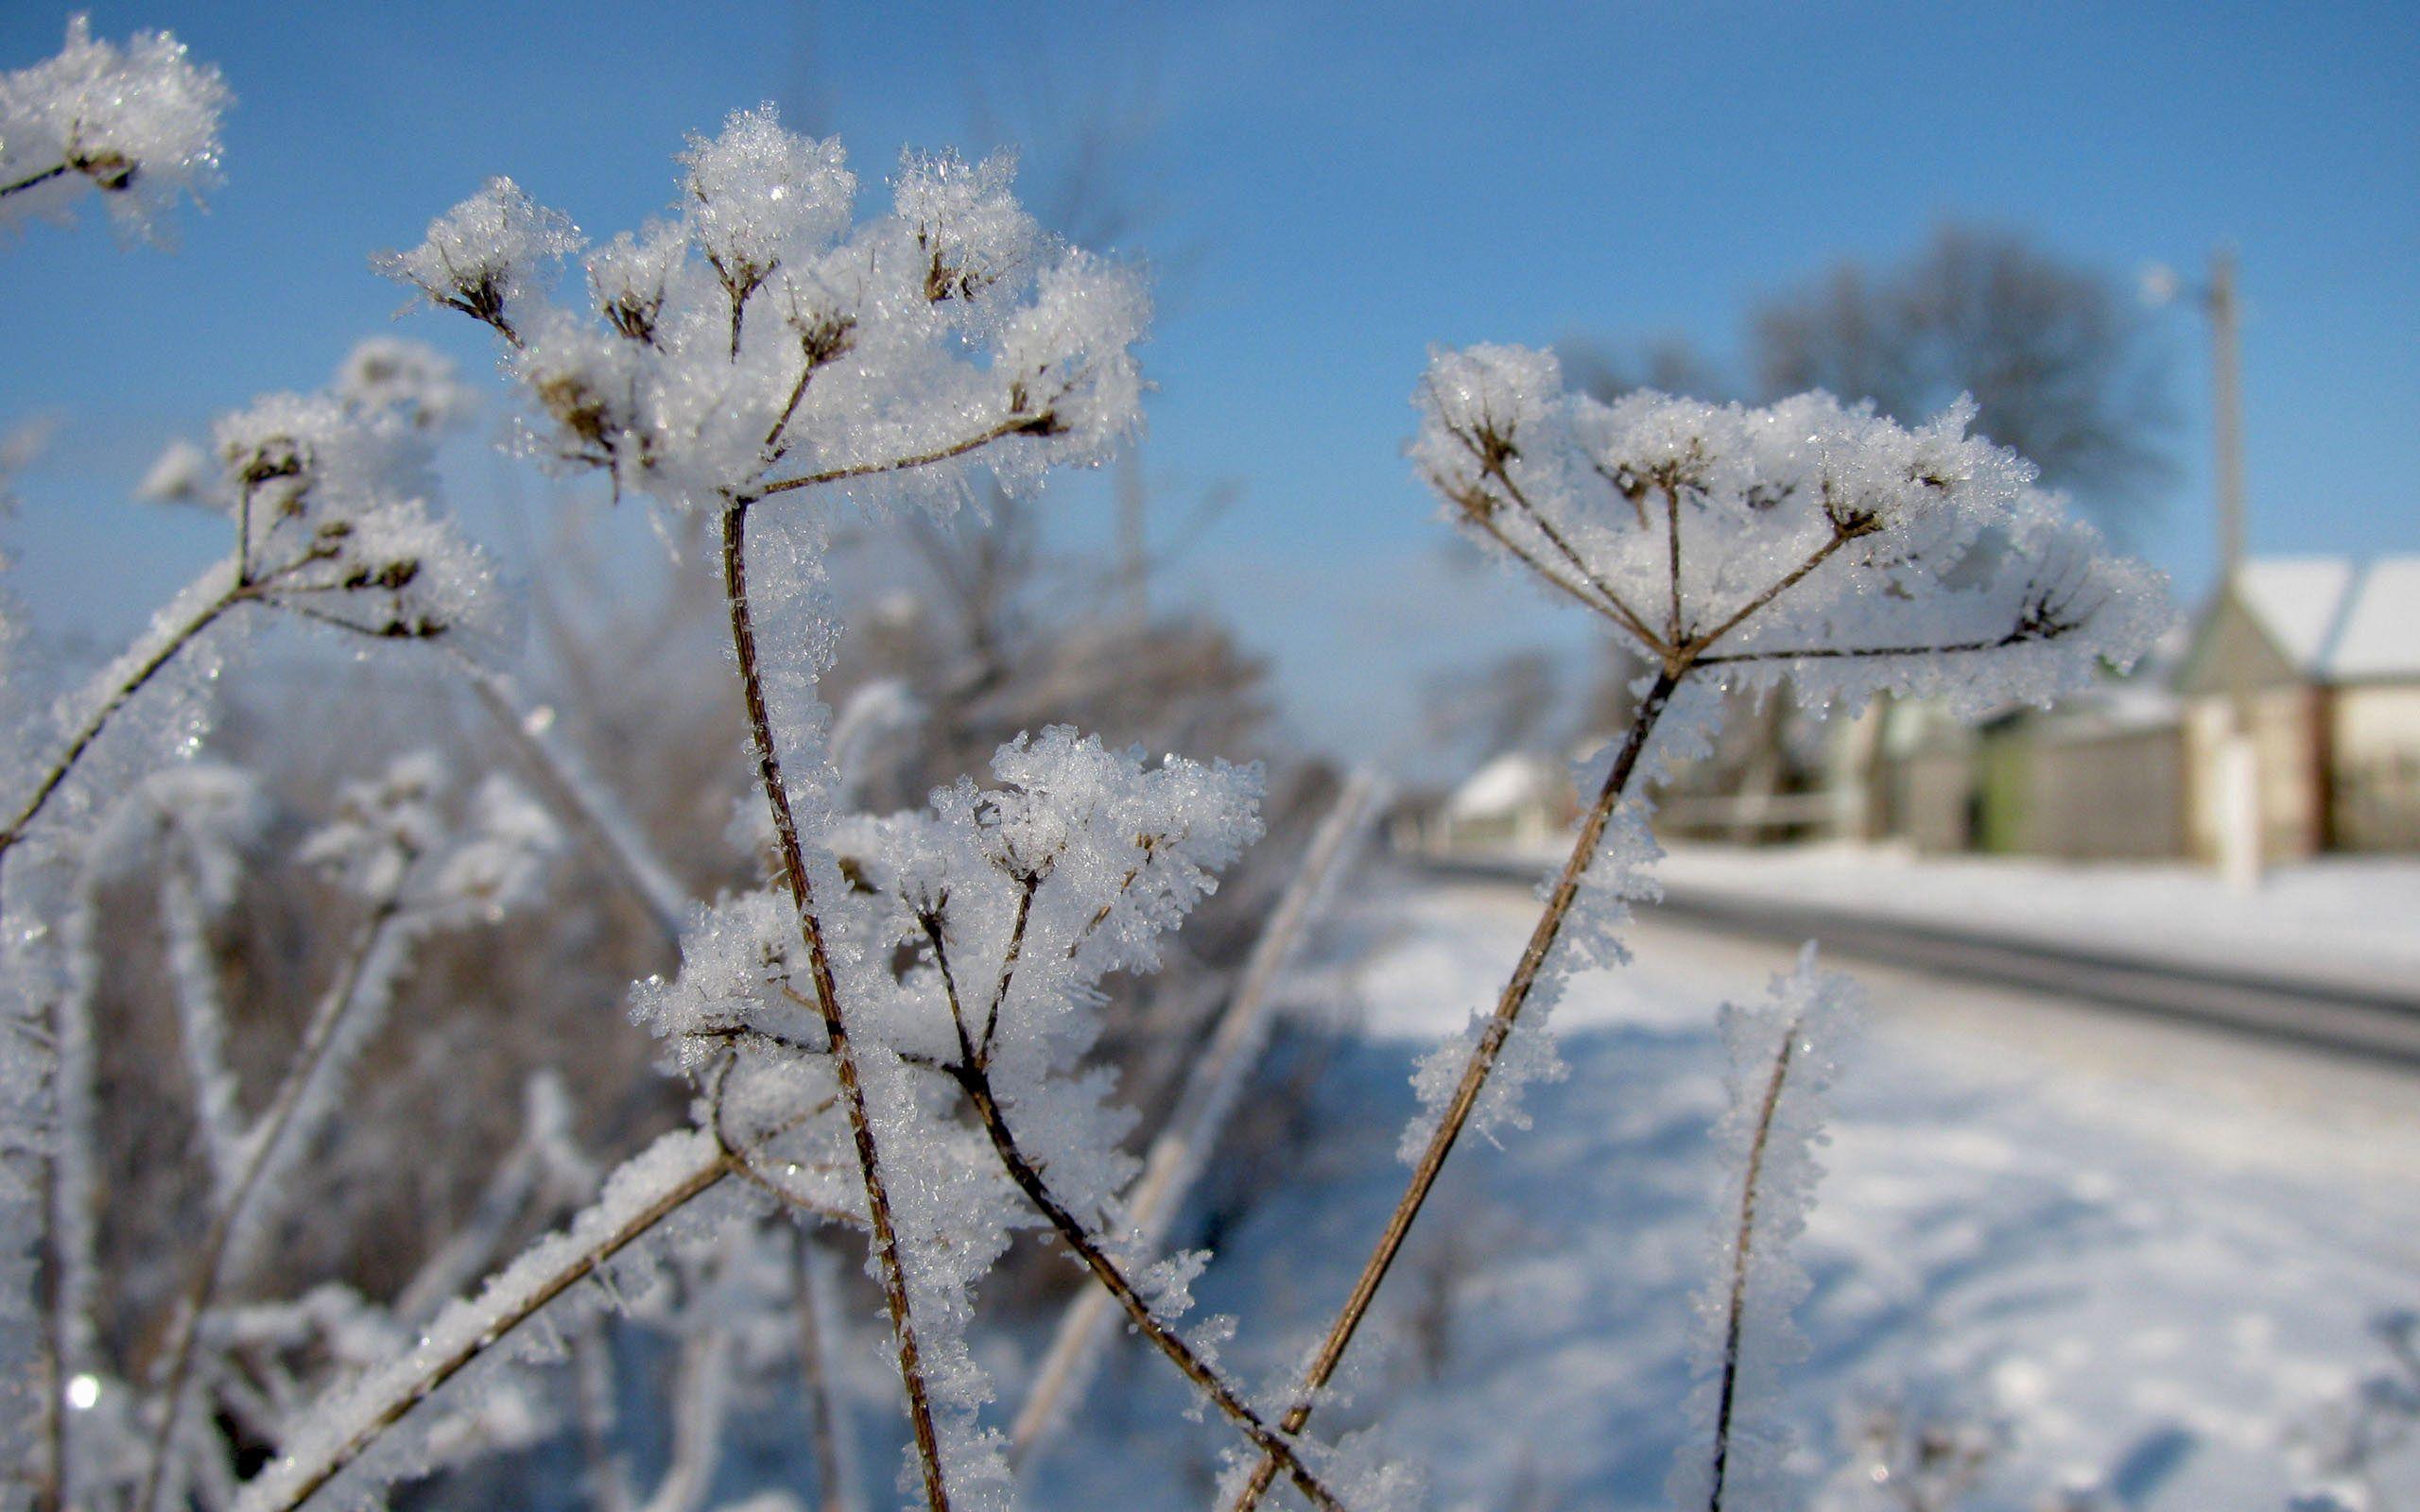 107522 скачать обои Природа, Укроп, Снег, Иней, Зима, Мороз, Холод, Дорога - заставки и картинки бесплатно